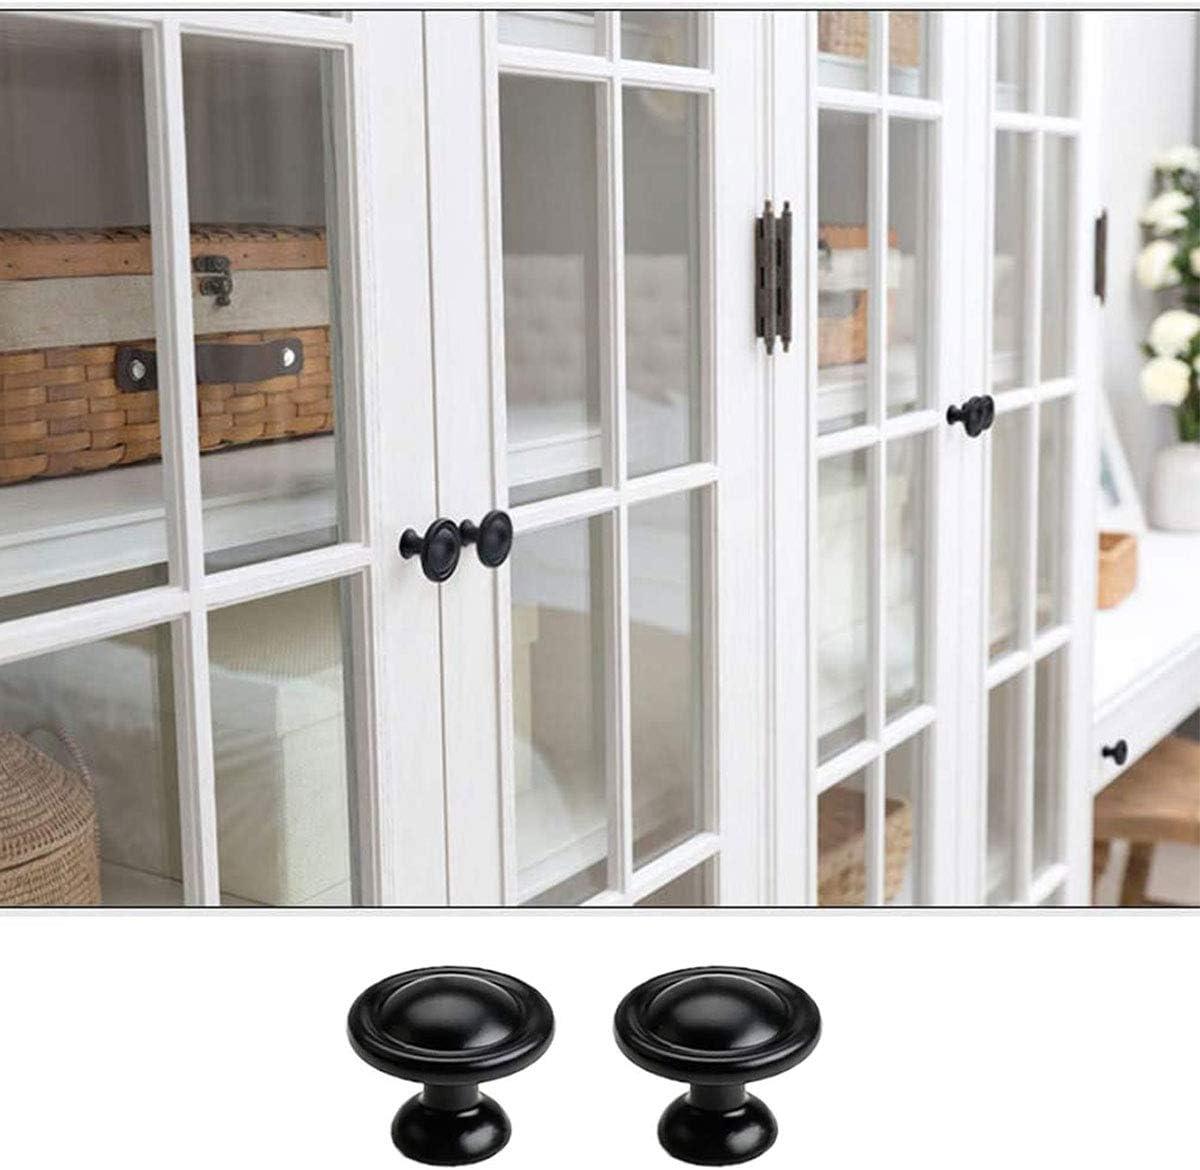 Tirador para muebles estilo vintage 2 unidades 30 x 30 x 24 mm para cocina en el hogar color negro mate